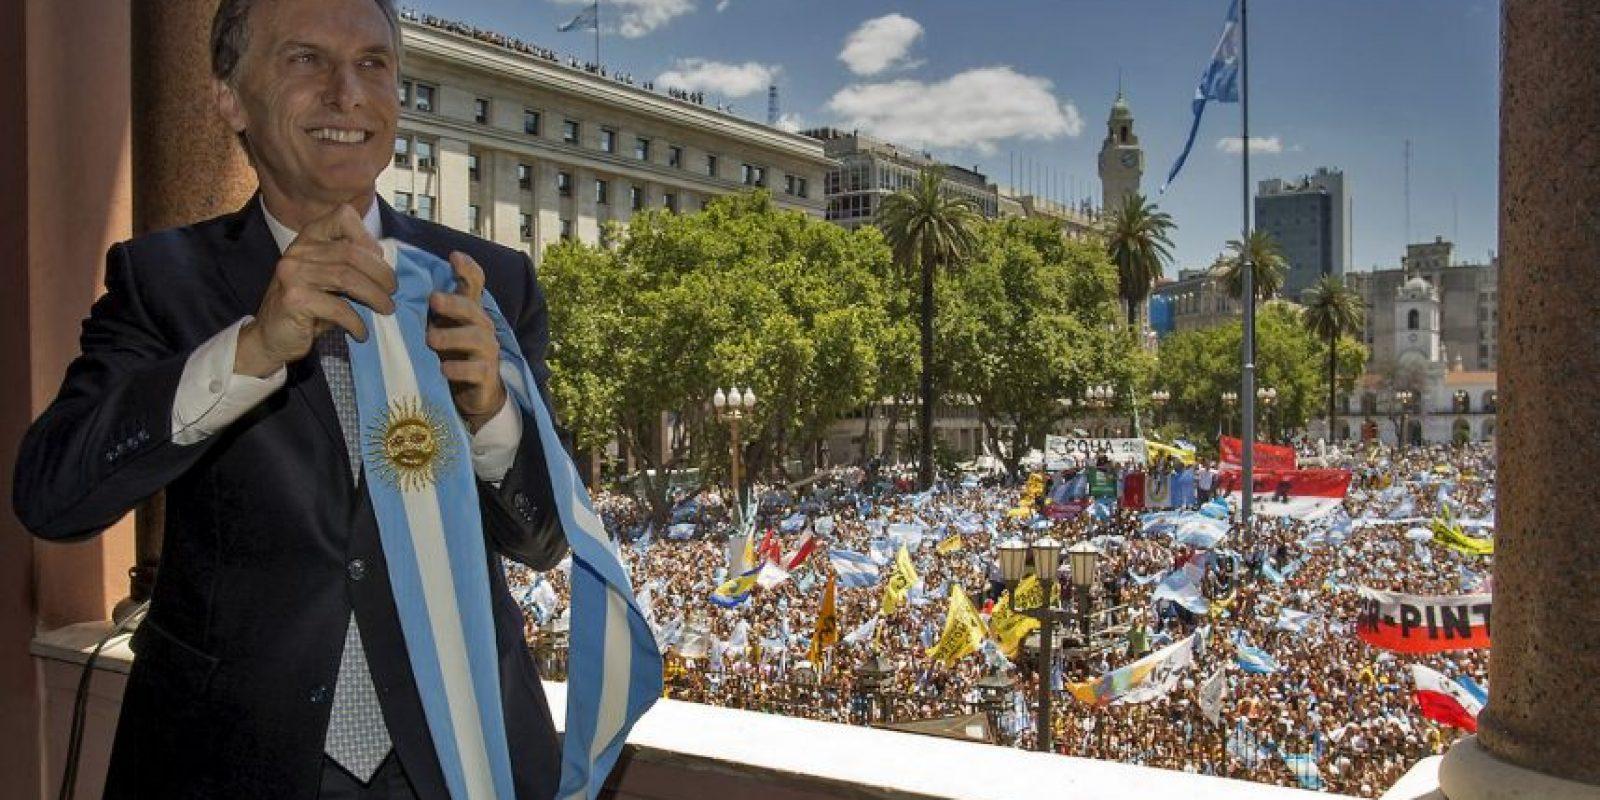 Mauricio Macri, en su ceremonia de toma de posesión como presidente de Argentina. Foto:AFP/ Presidencia argentina / JUAN MARCELO BAIARDI